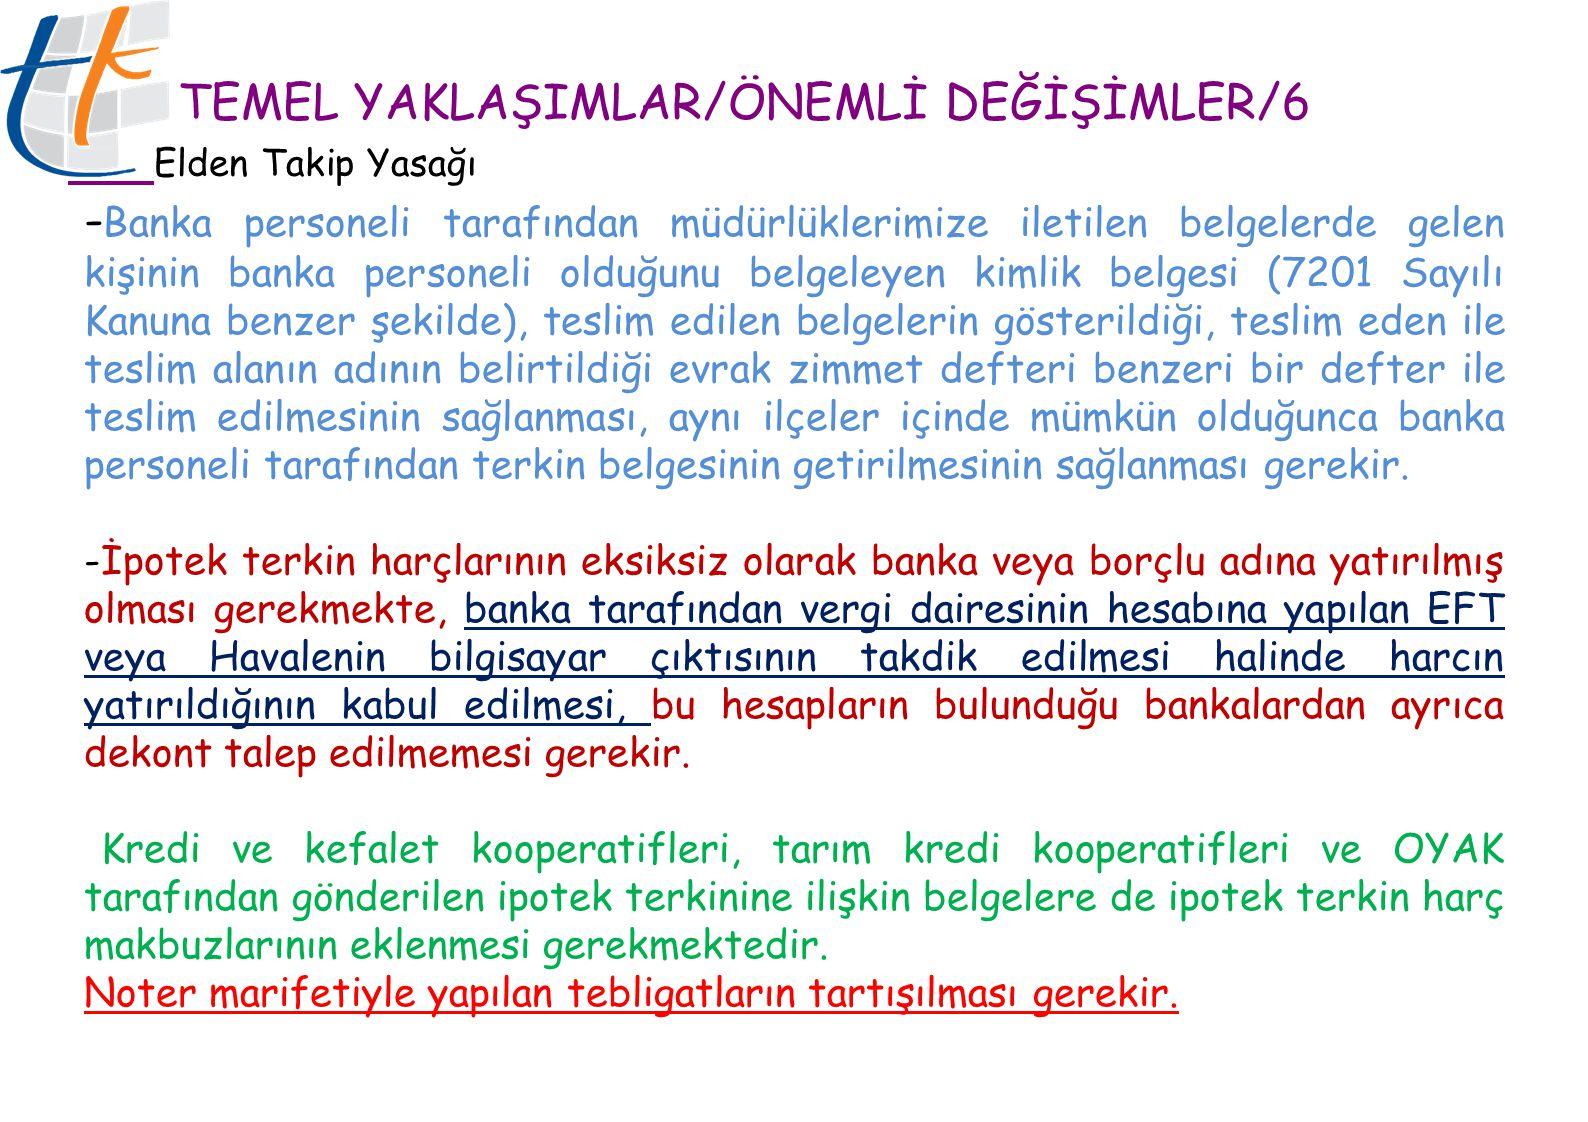 TEMEL YAKLAŞIMLAR/ÖNEMLİ DEĞİŞİMLER/6 Elden Takip Yasağı - Banka personeli tarafından müdürlüklerimize iletilen belgelerde gelen kişinin banka persone